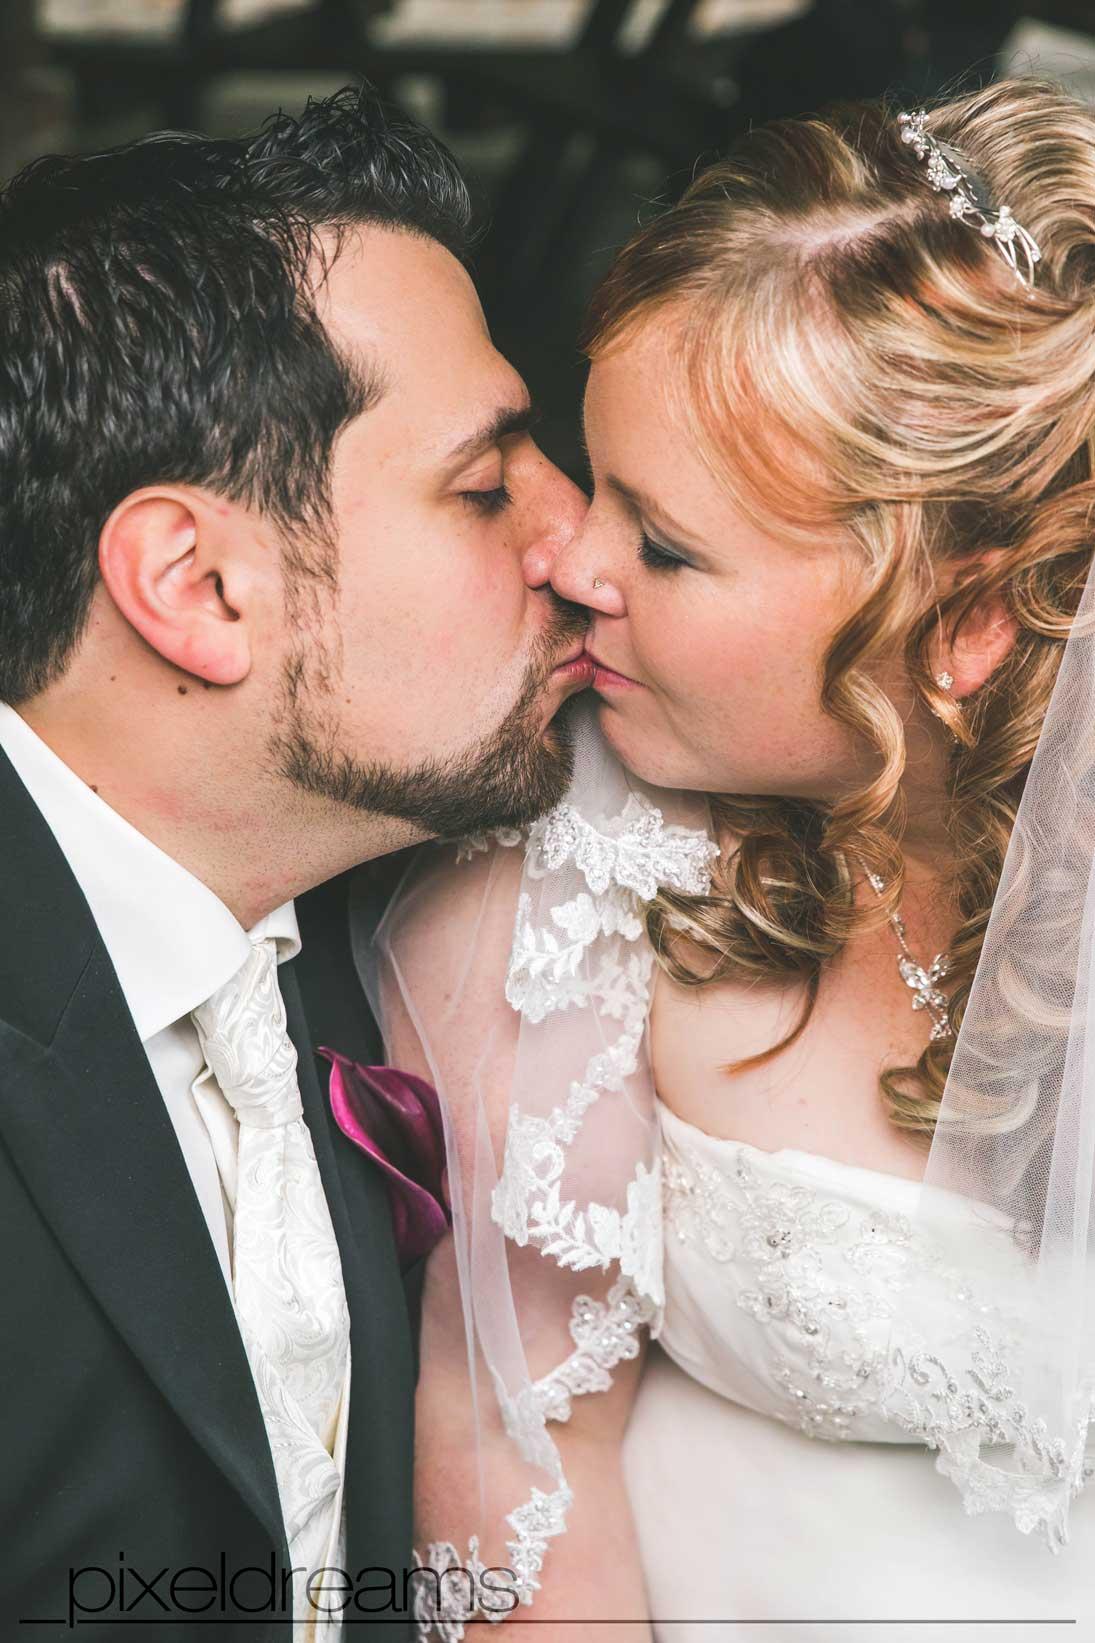 braut bräutigam liebe hochzeitsfoto hochzeitsreportage köln düsseldorf kuss pixeldreams